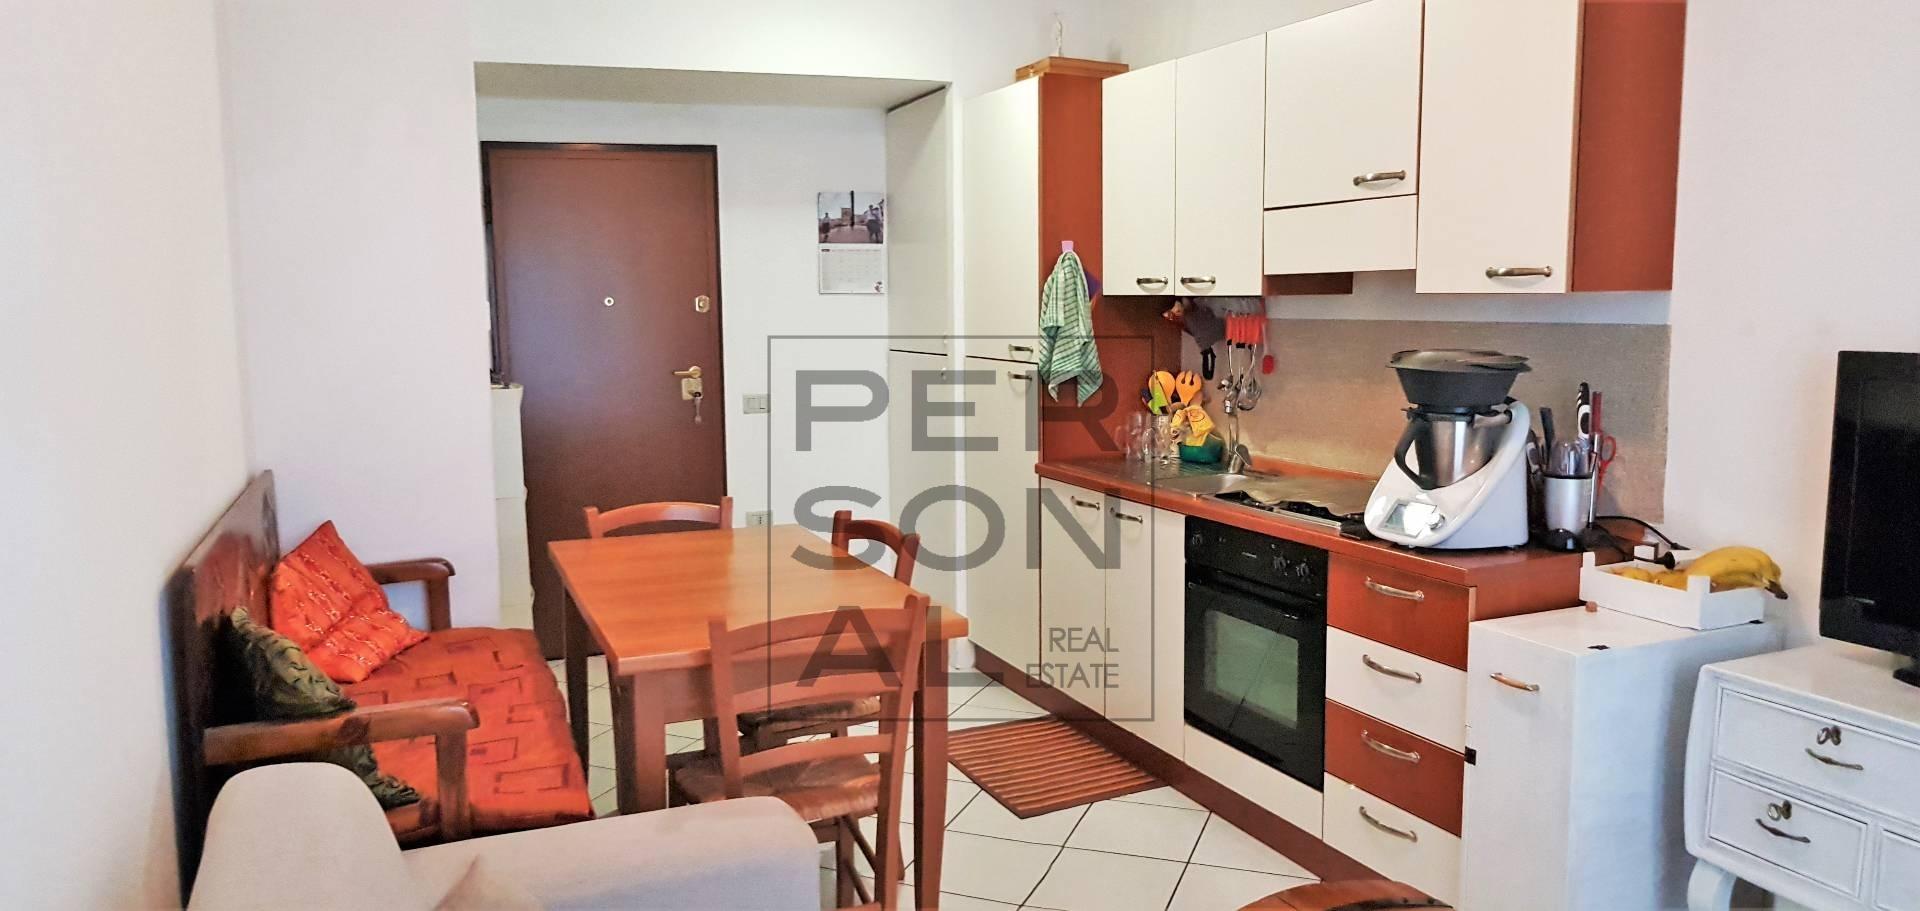 Appartamento in affitto a San Michele all'Adige, 2 locali, zona Zona: Grumo, prezzo € 500 | CambioCasa.it